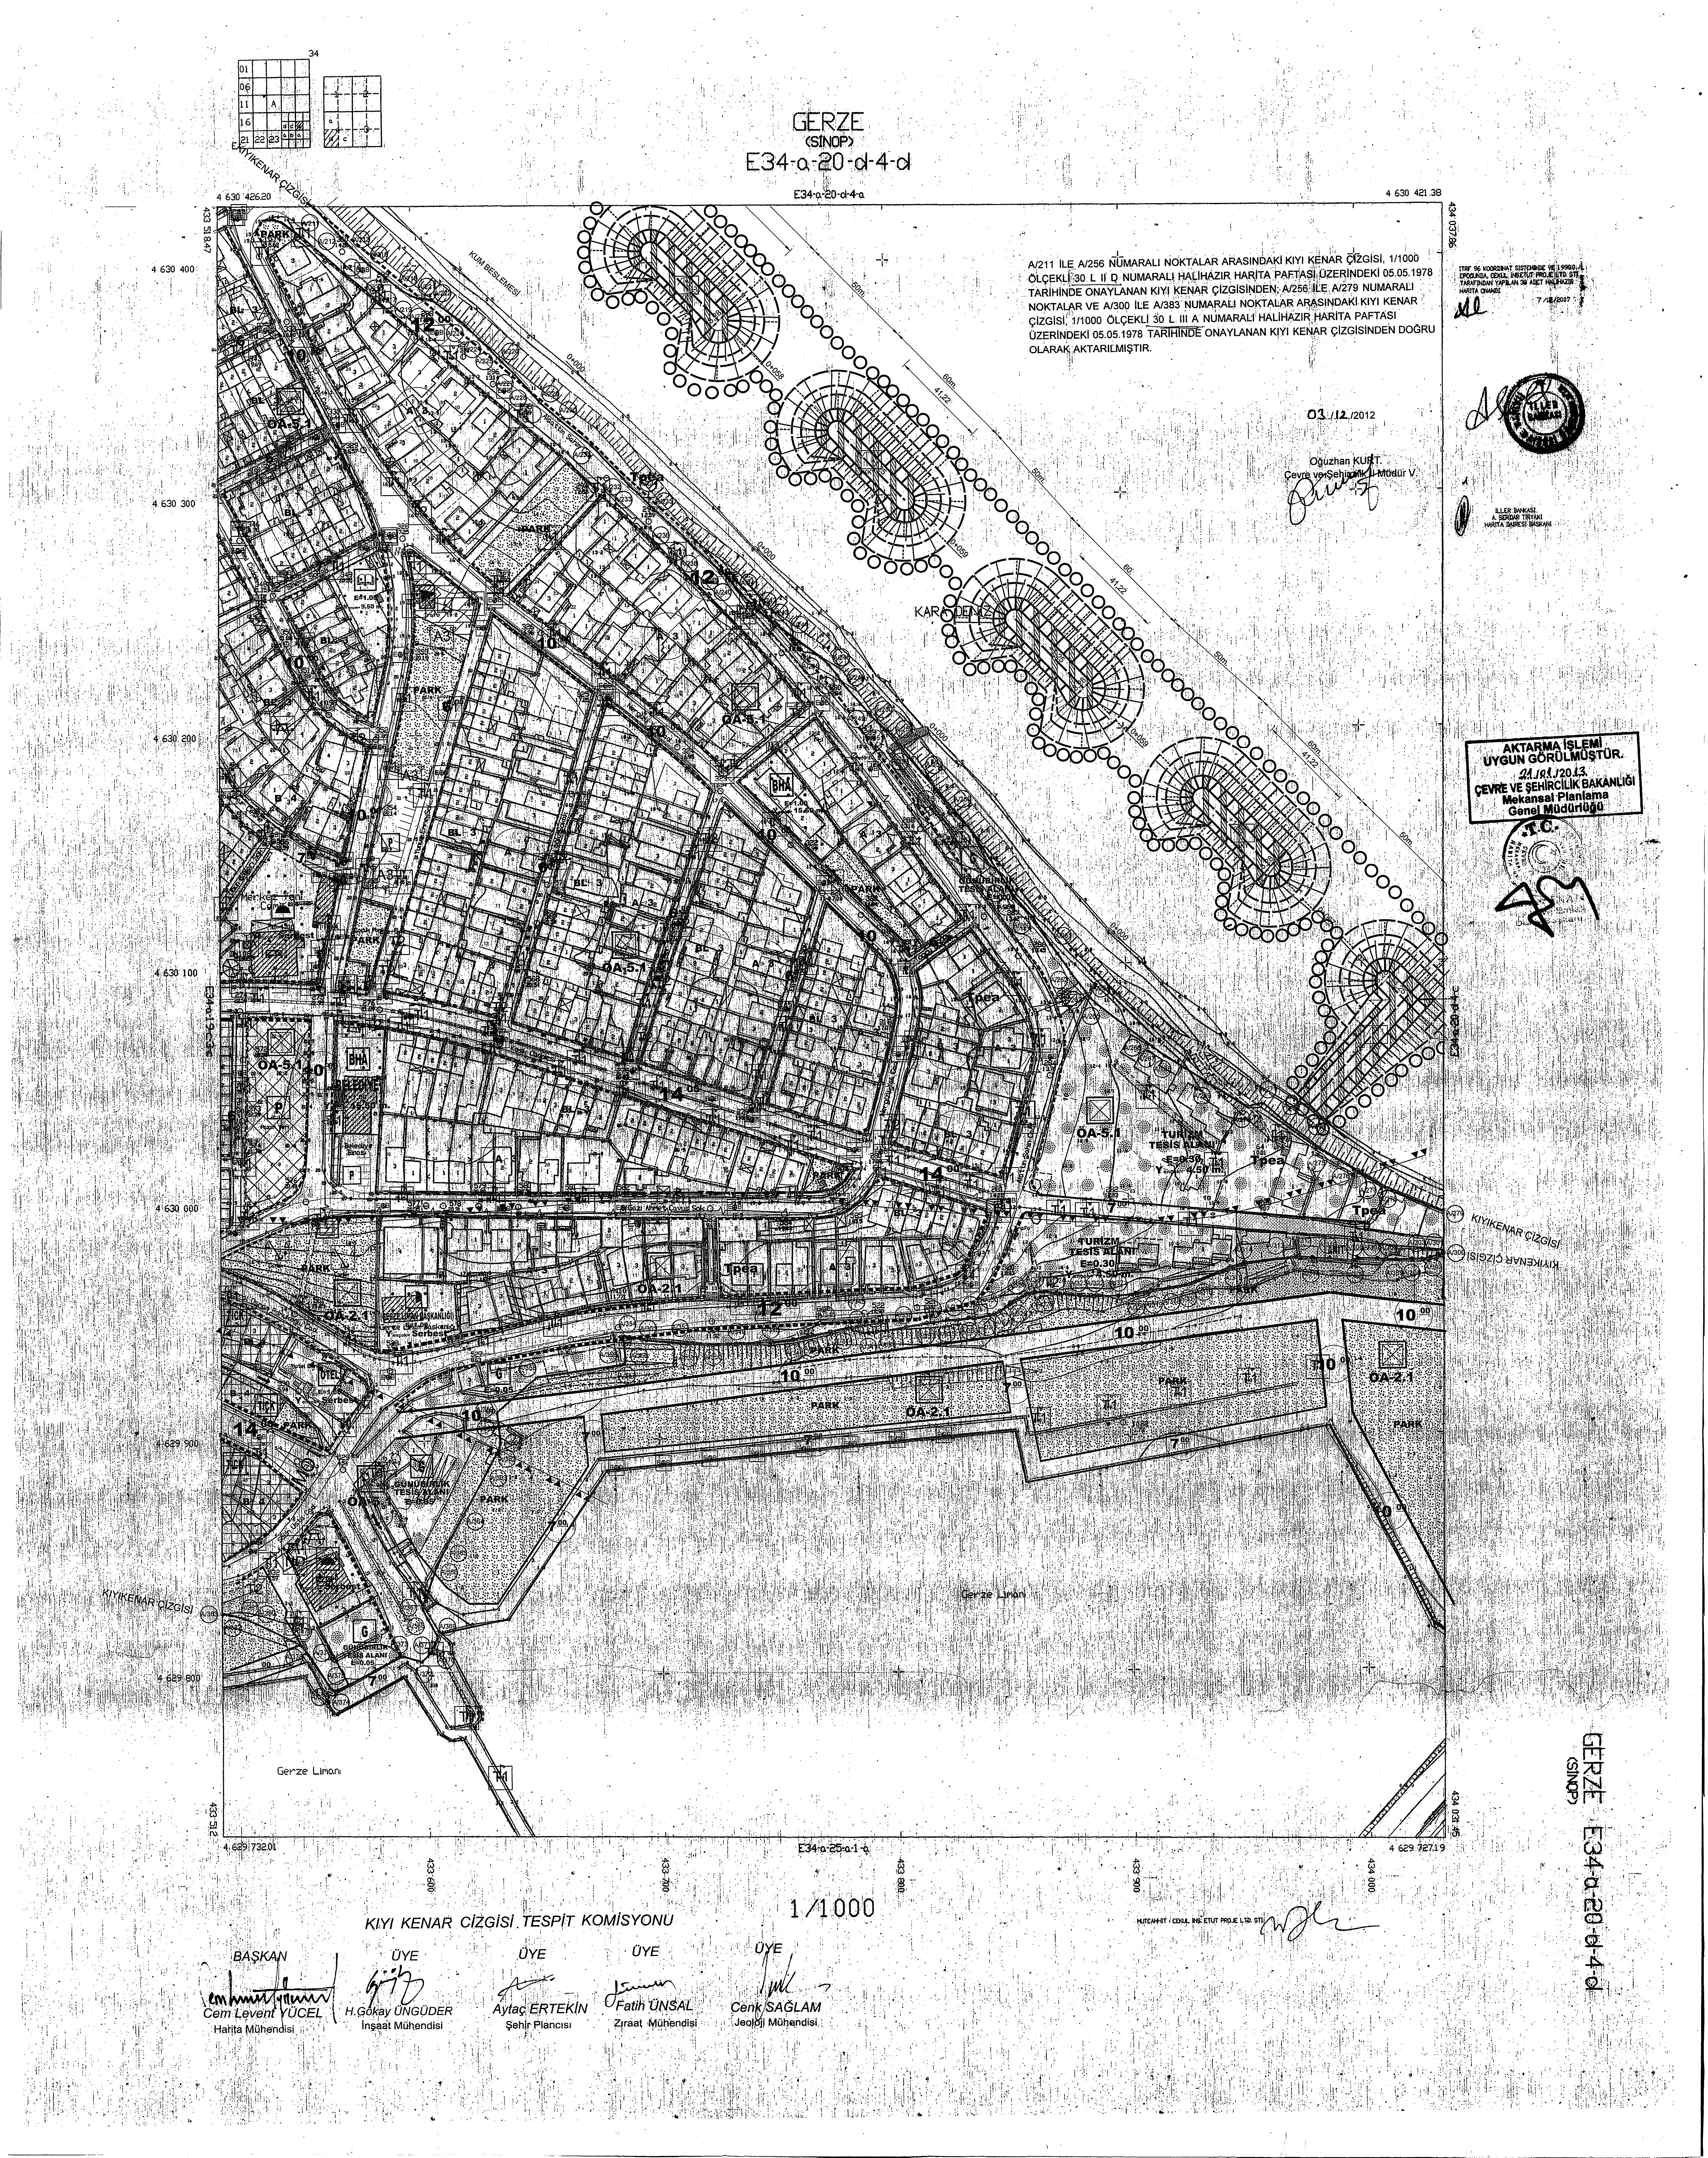 Sinop İli, Gerze ilçesi, Alaettin Şahin Caddesi Sahil Tahkimatı Açık Deniz Dalgakıran Yapımı amaçlı imar planı